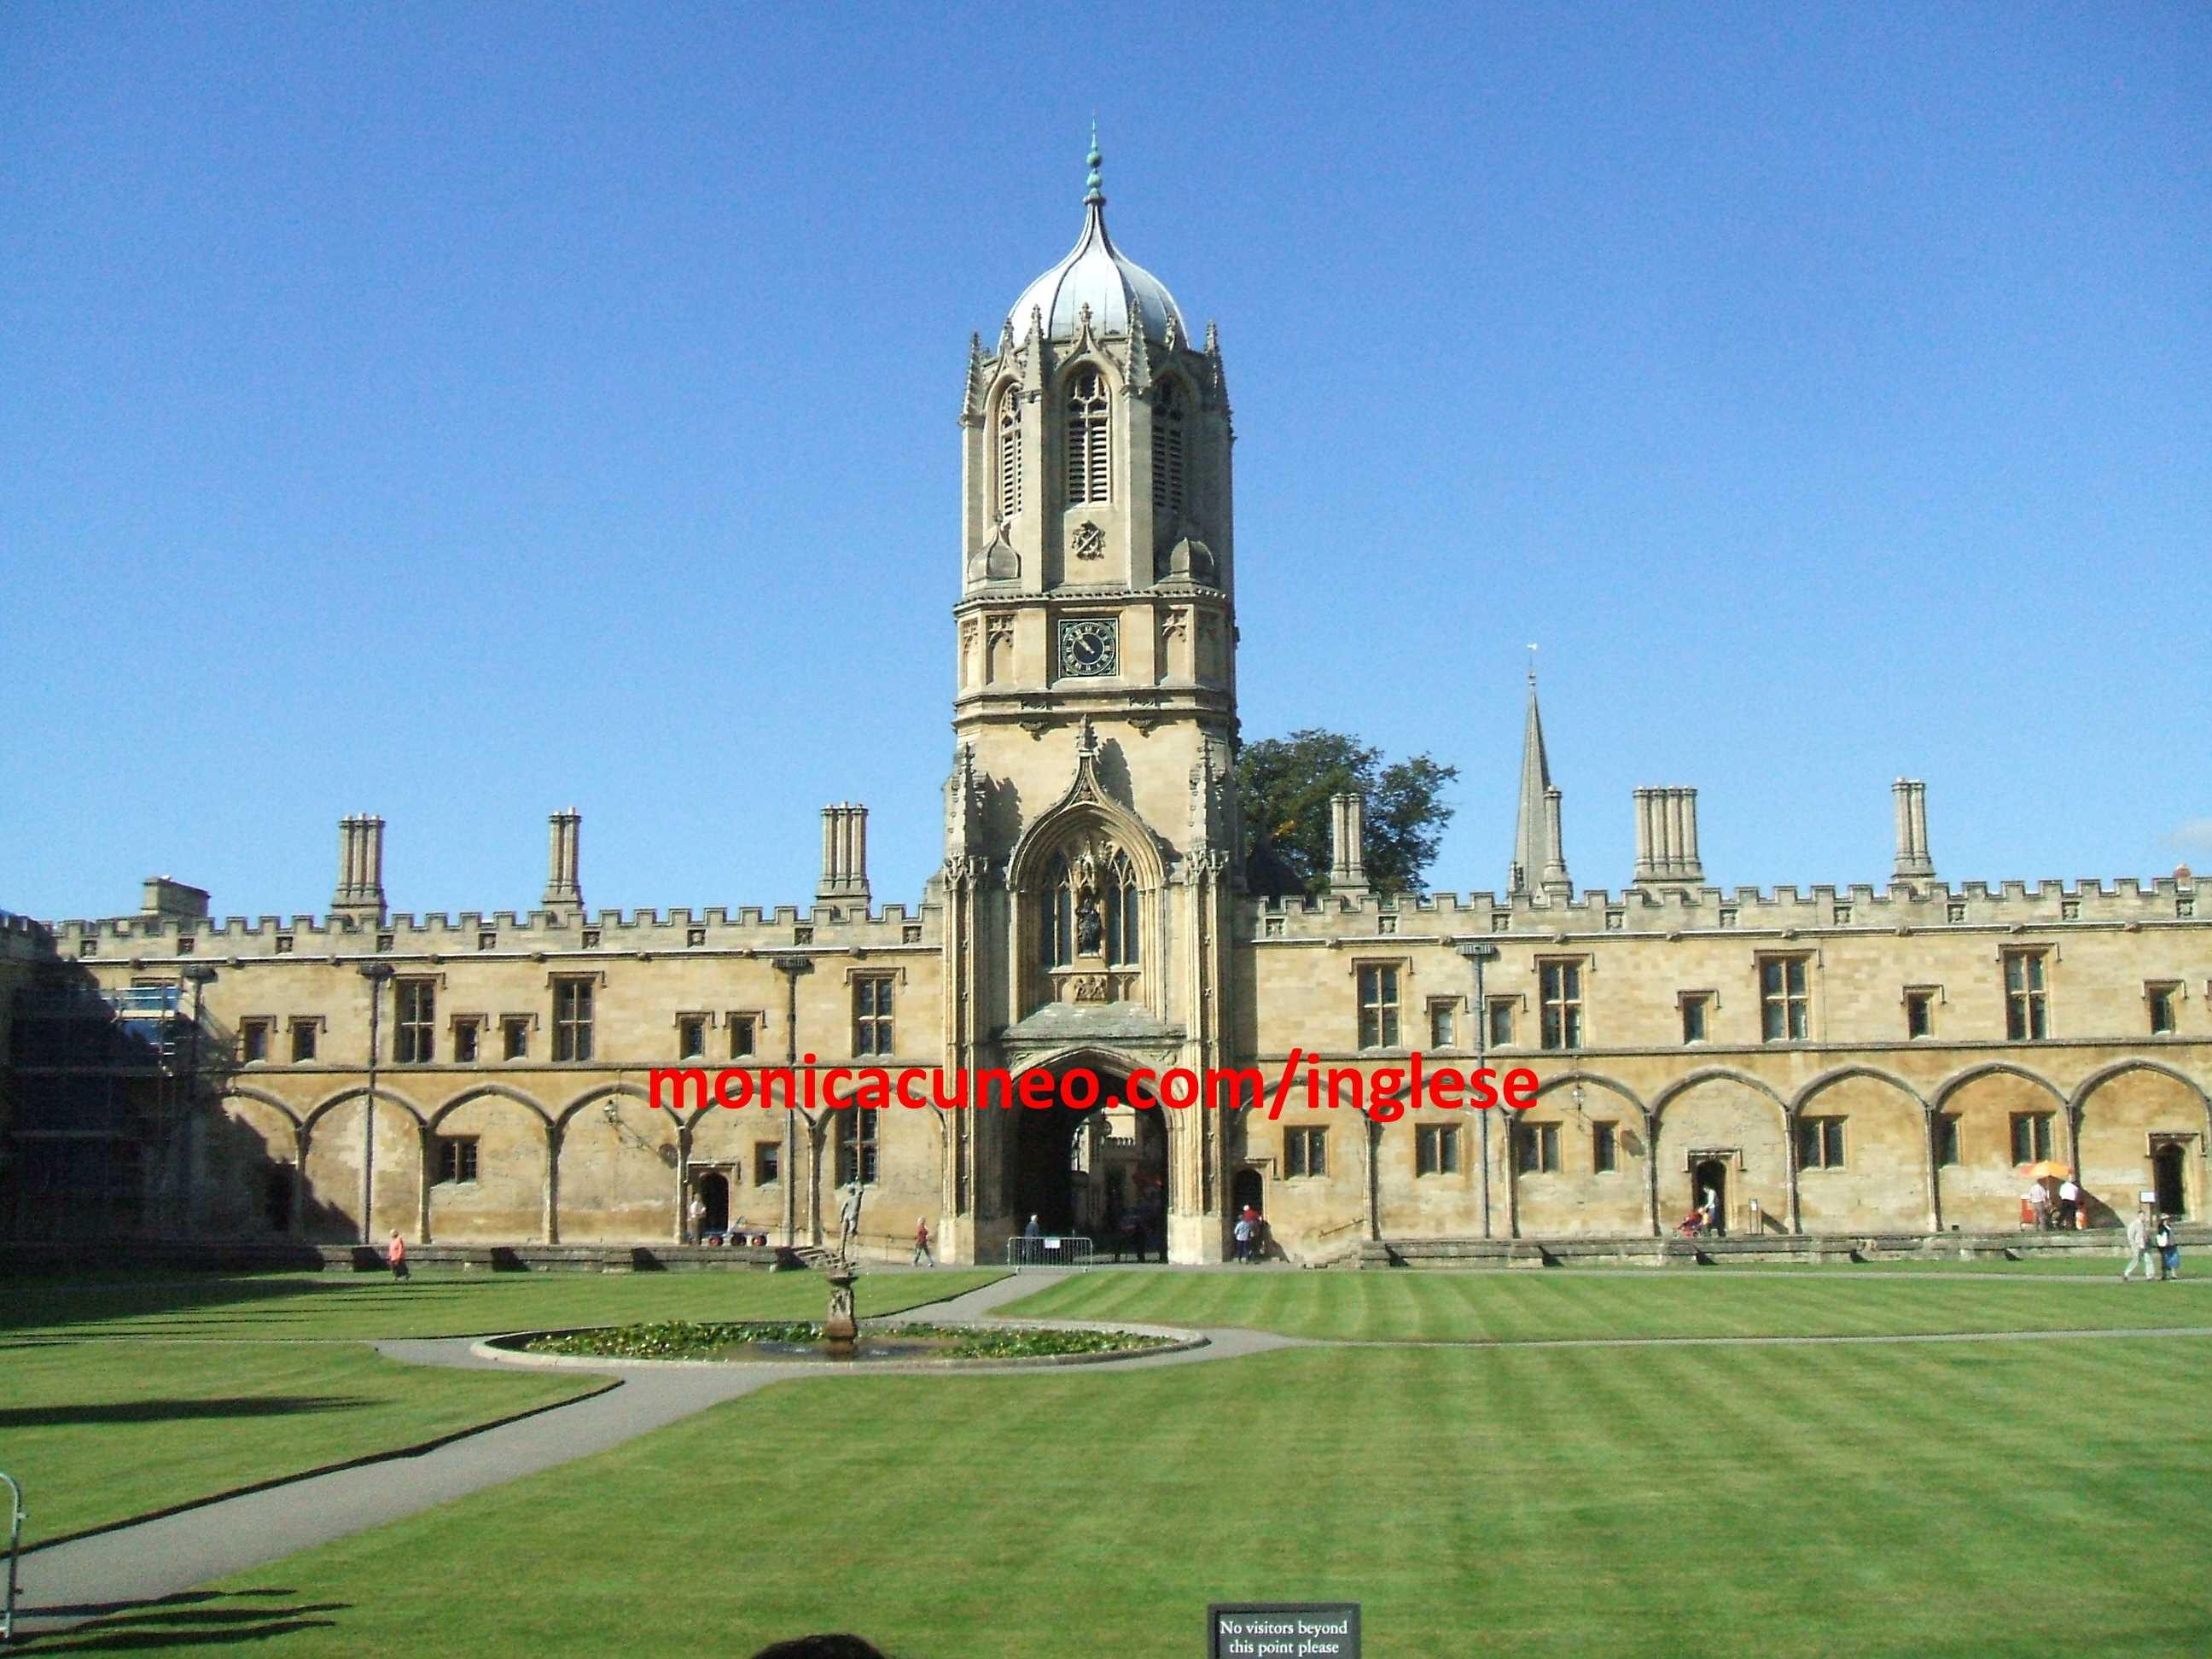 Il cortile (quad) principale di Christ Church College, Oxford